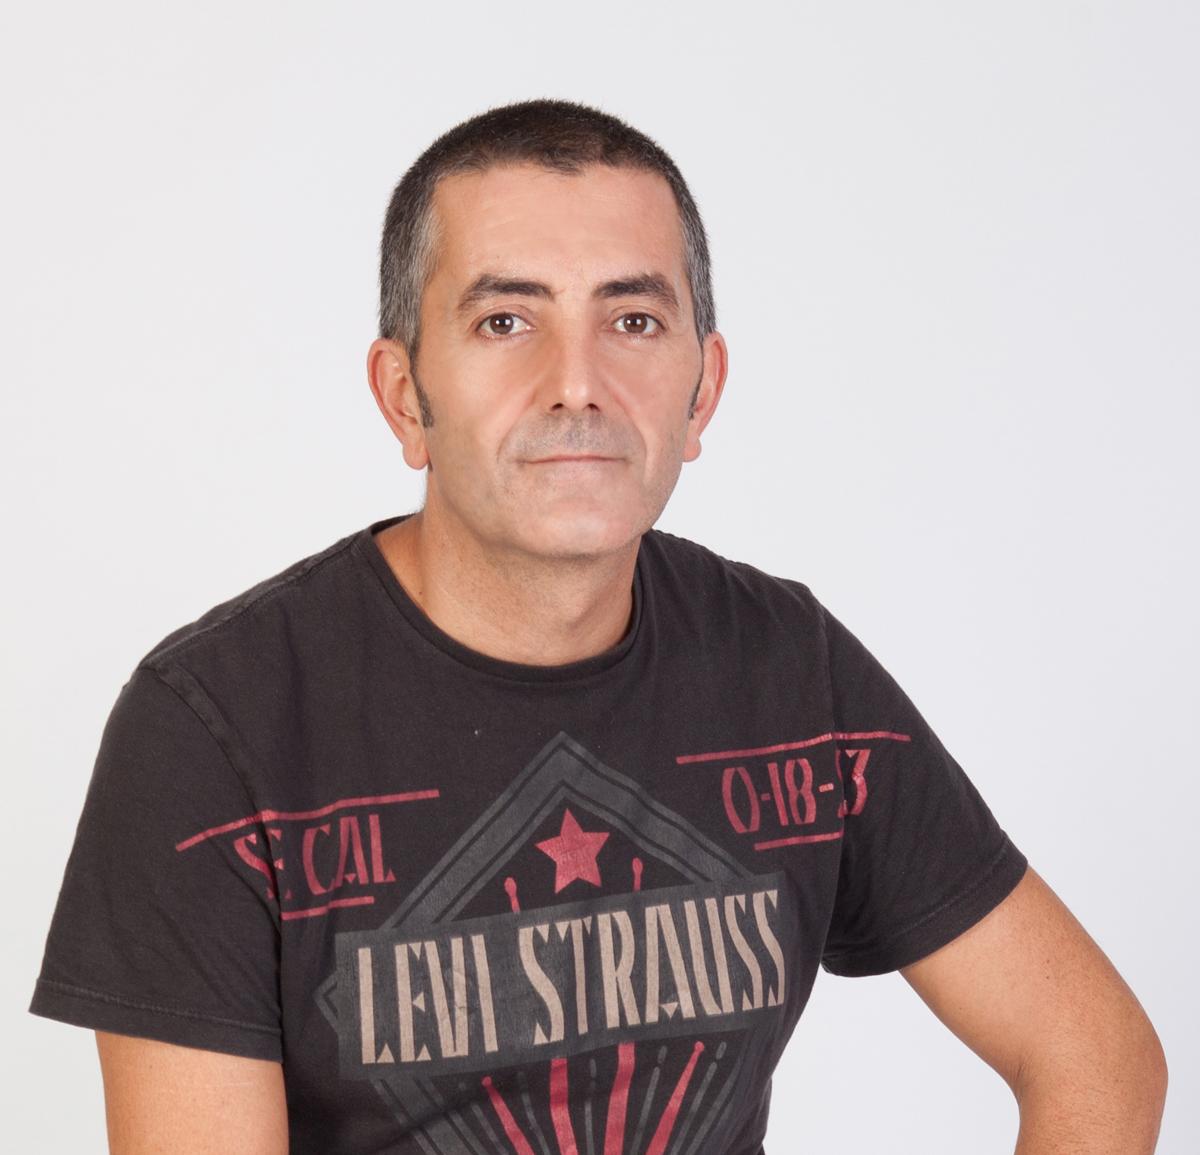 Gonzalo Sola